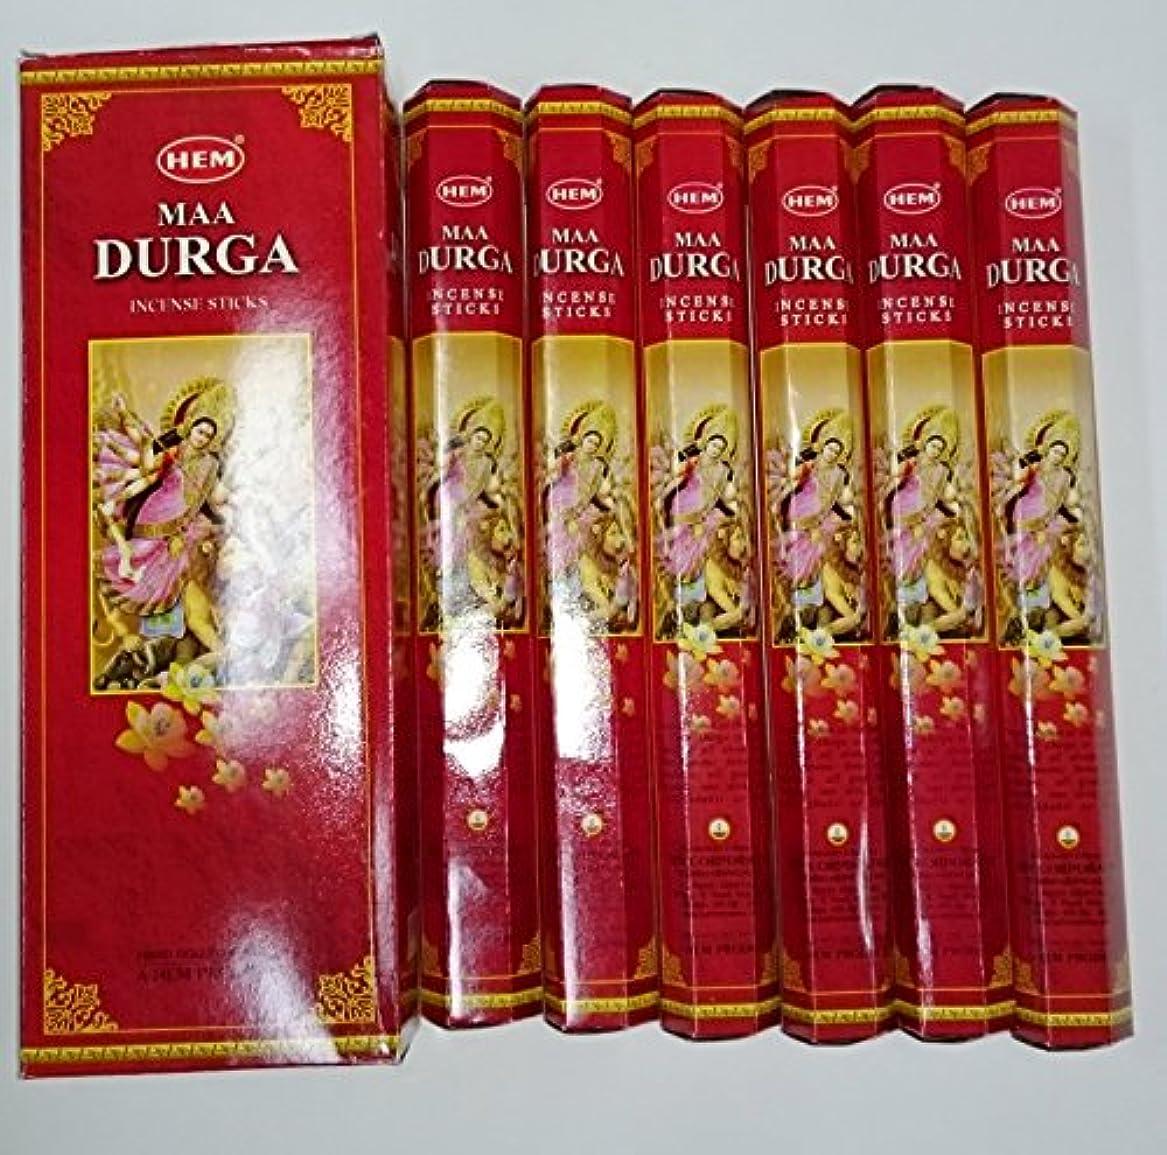 不健全アパートロードブロッキングHEM(ヘム) スティックお香 六角香 ヘキサパック ドゥルガー香 6角(20本入)x6箱[並行輸入品]DURGA